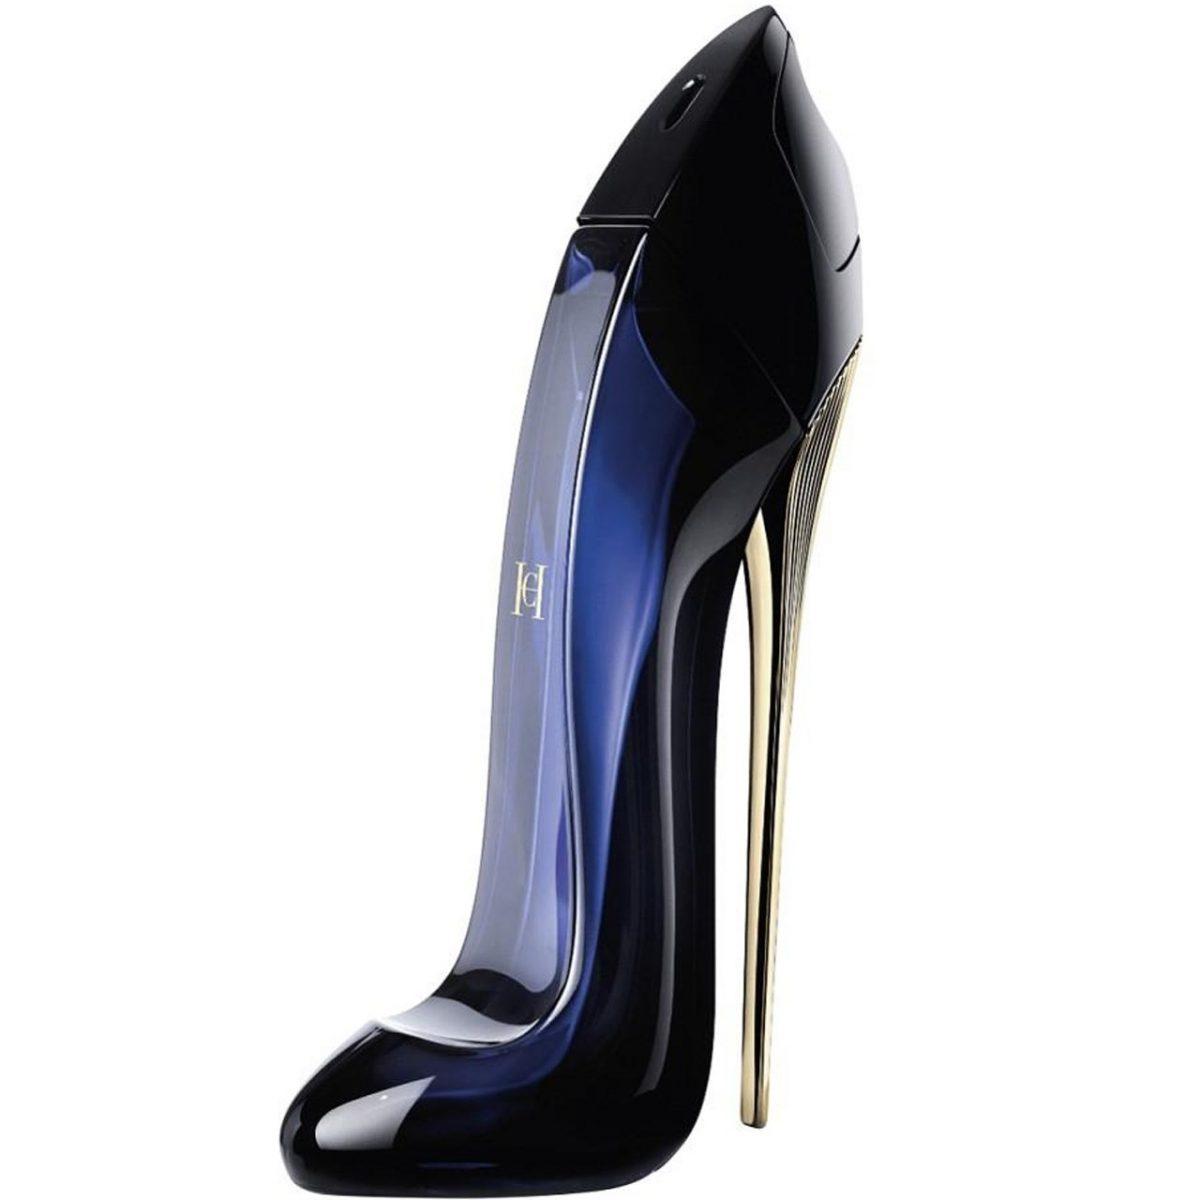 ادو پرفیوم زنانه کارولینا هررا مدل Good Girl حجم 80 میلی لیتر